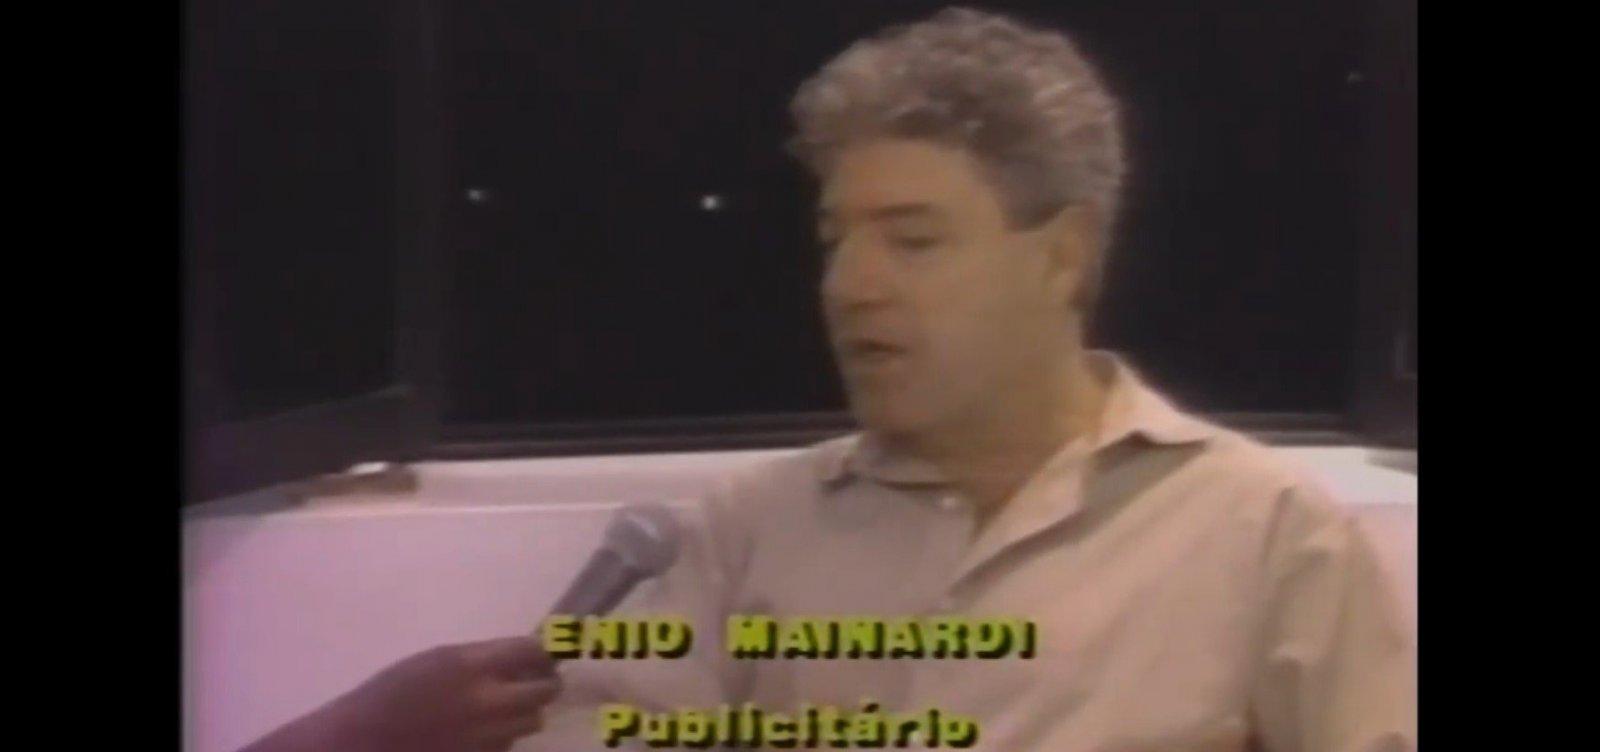 ['Preto desvaloriza o produto anunciado', disse publicitário Ênio Mainardi em 1988]